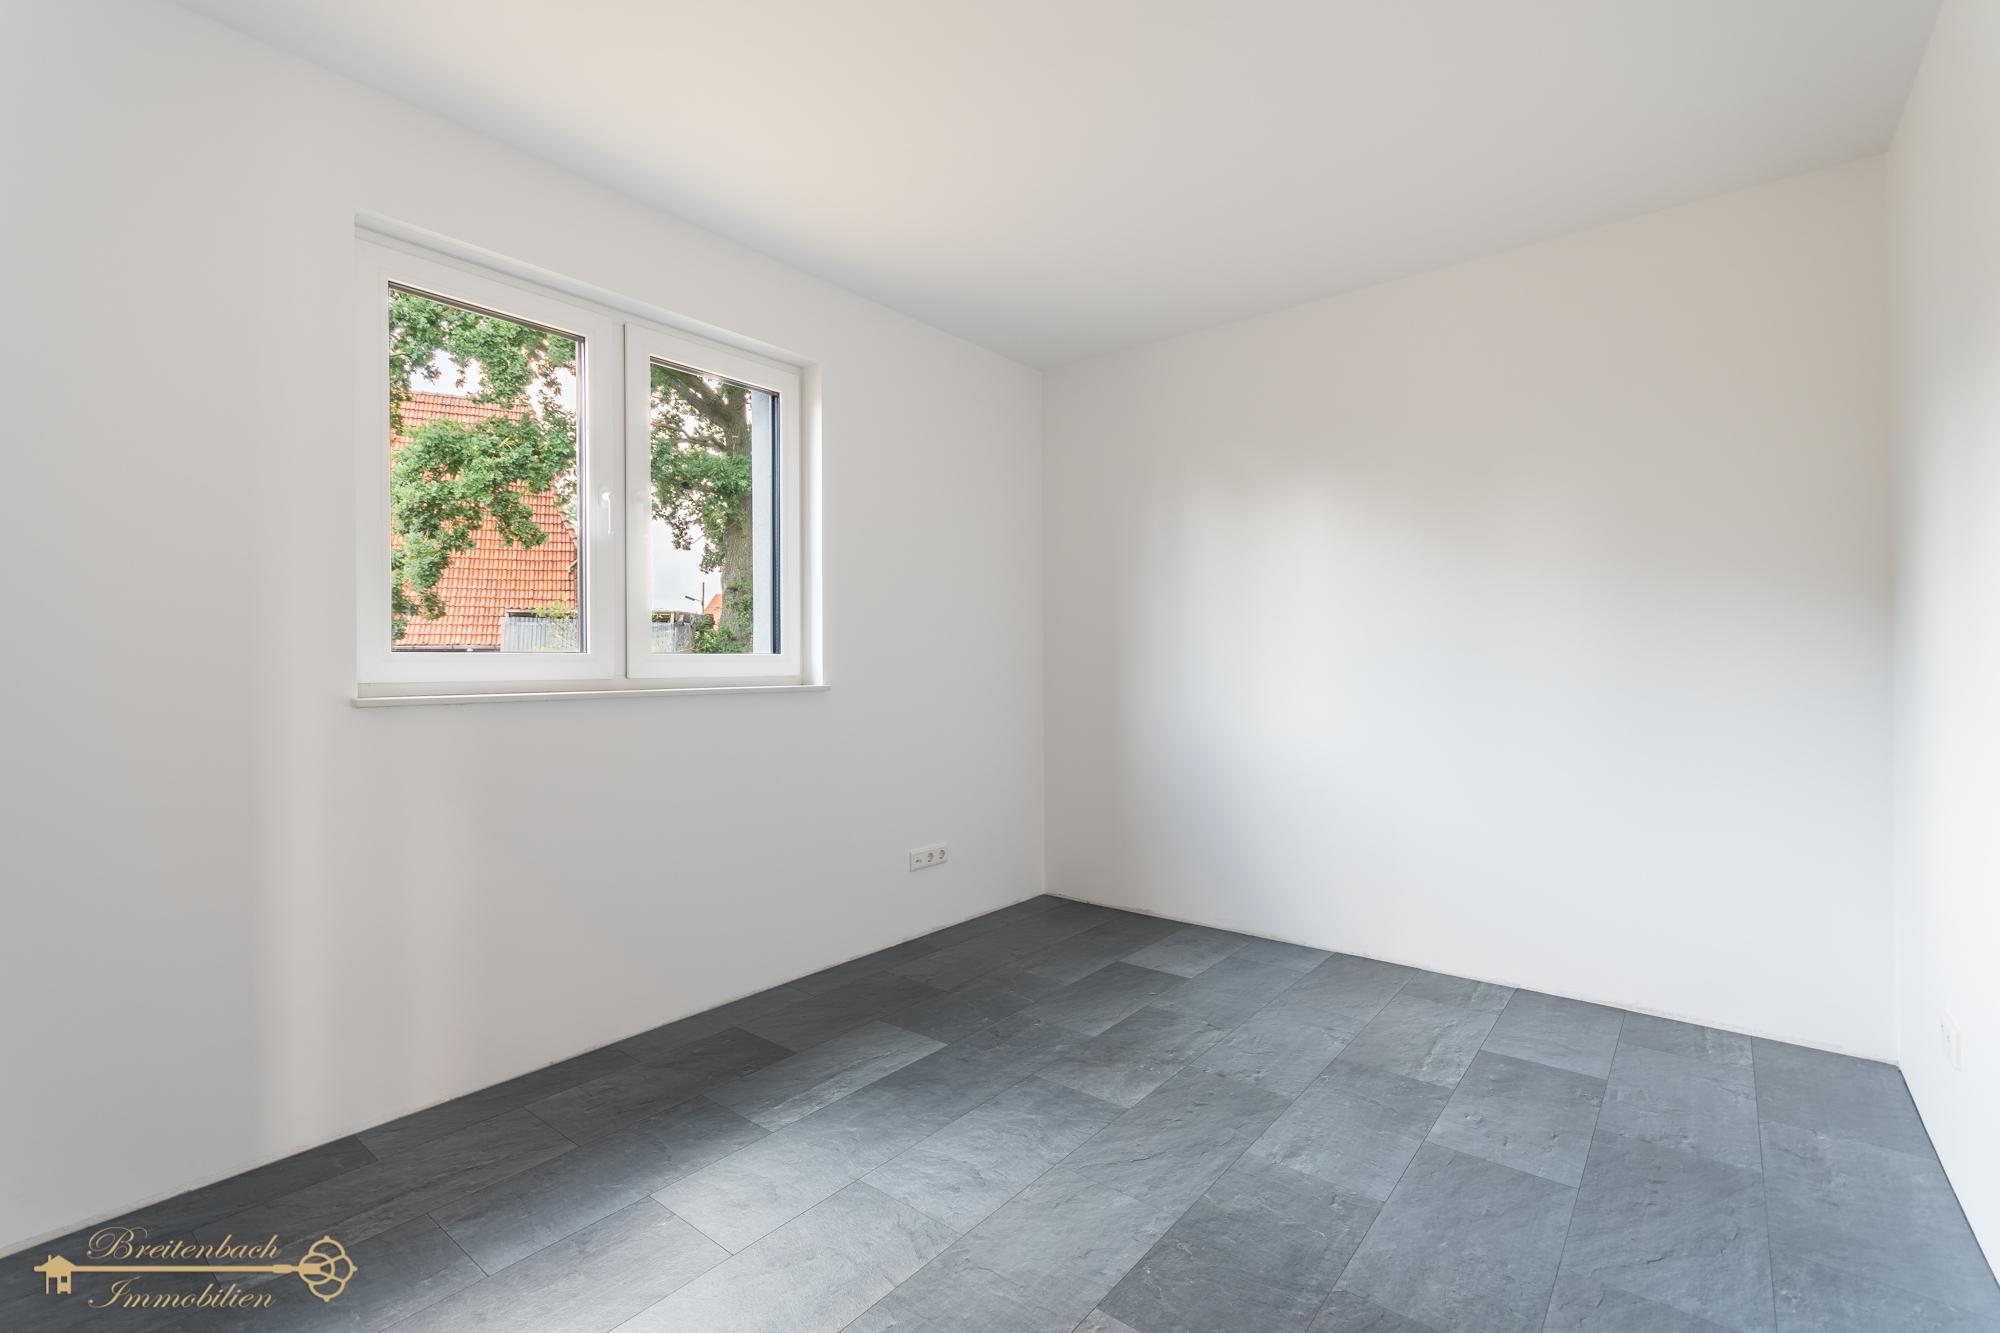 2020-07-03-Breitenbach-Immobilien-7